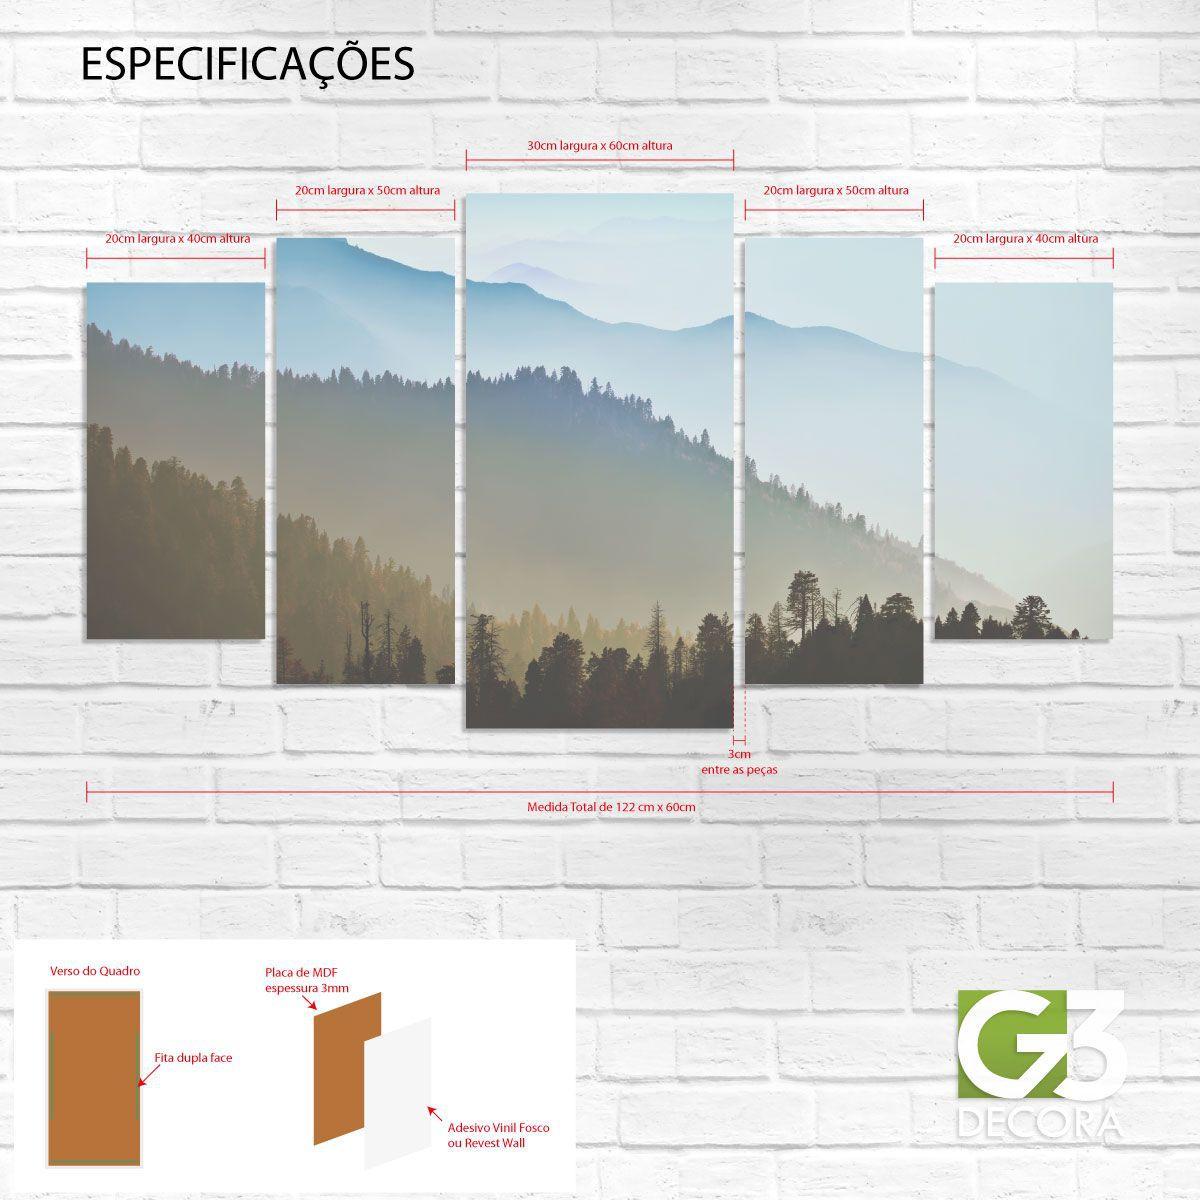 Quadro Decorativo – QD007  - Papel de parede - G3decora